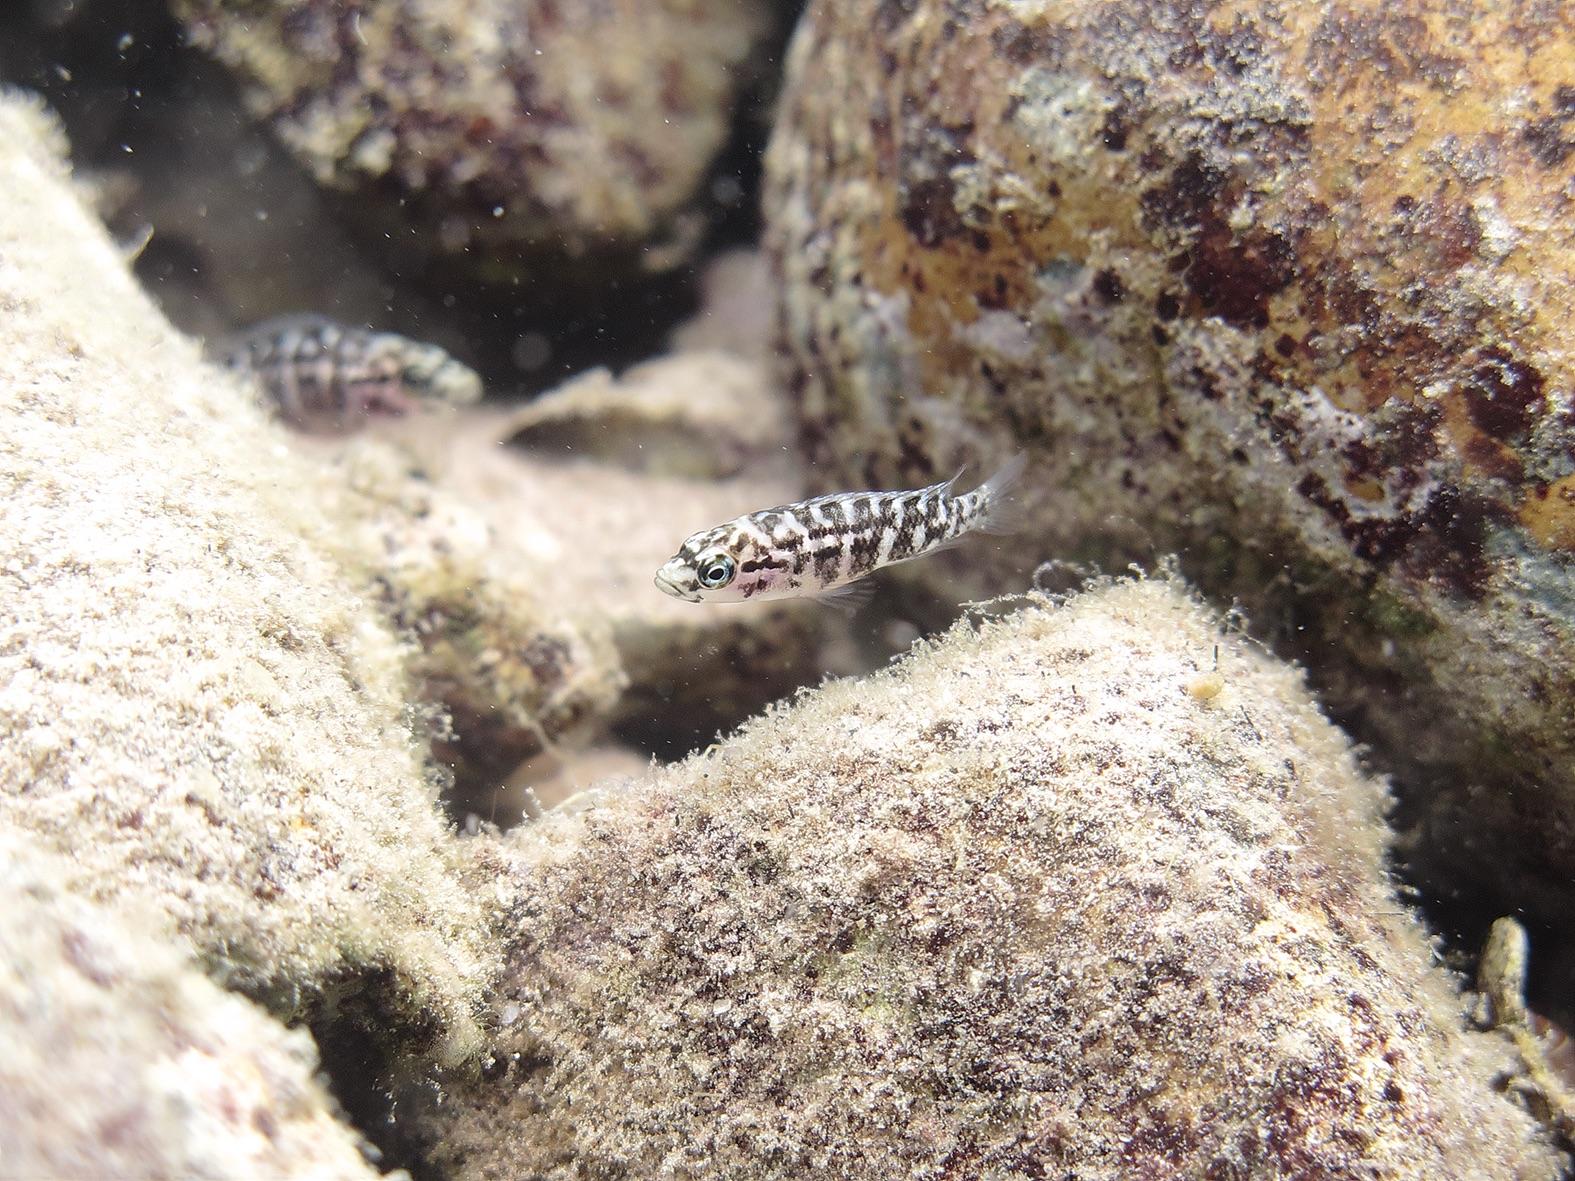 Helferfische von Neolamprologus obscurus bei ihrem Nest. © Hirokazu Tanaka, Universität Bern